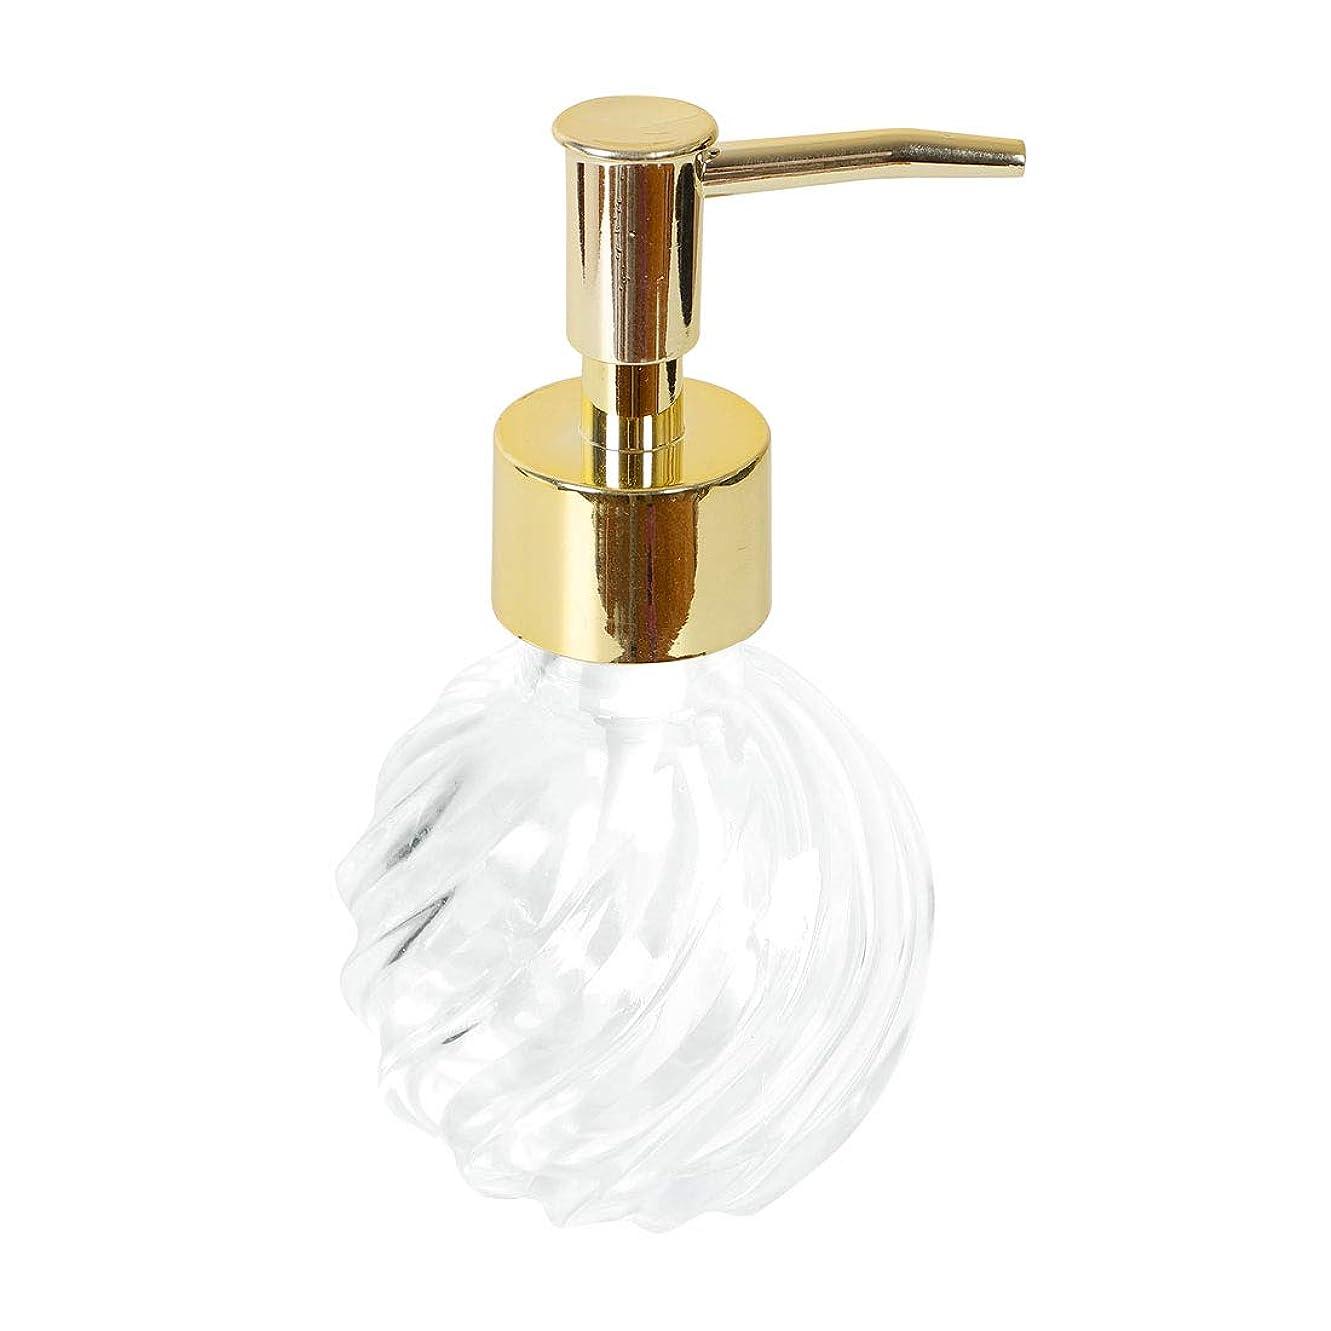 ラテンタイマープロトタイプuxcell ガラス石鹸ディスペンサーボトル?ステンレス製?ポンプ詰め替え可能?透明な空のガラス液体皿石鹸ボトル?パターン付きバスルームキッチン用 ゴールドトーン/プラスチック